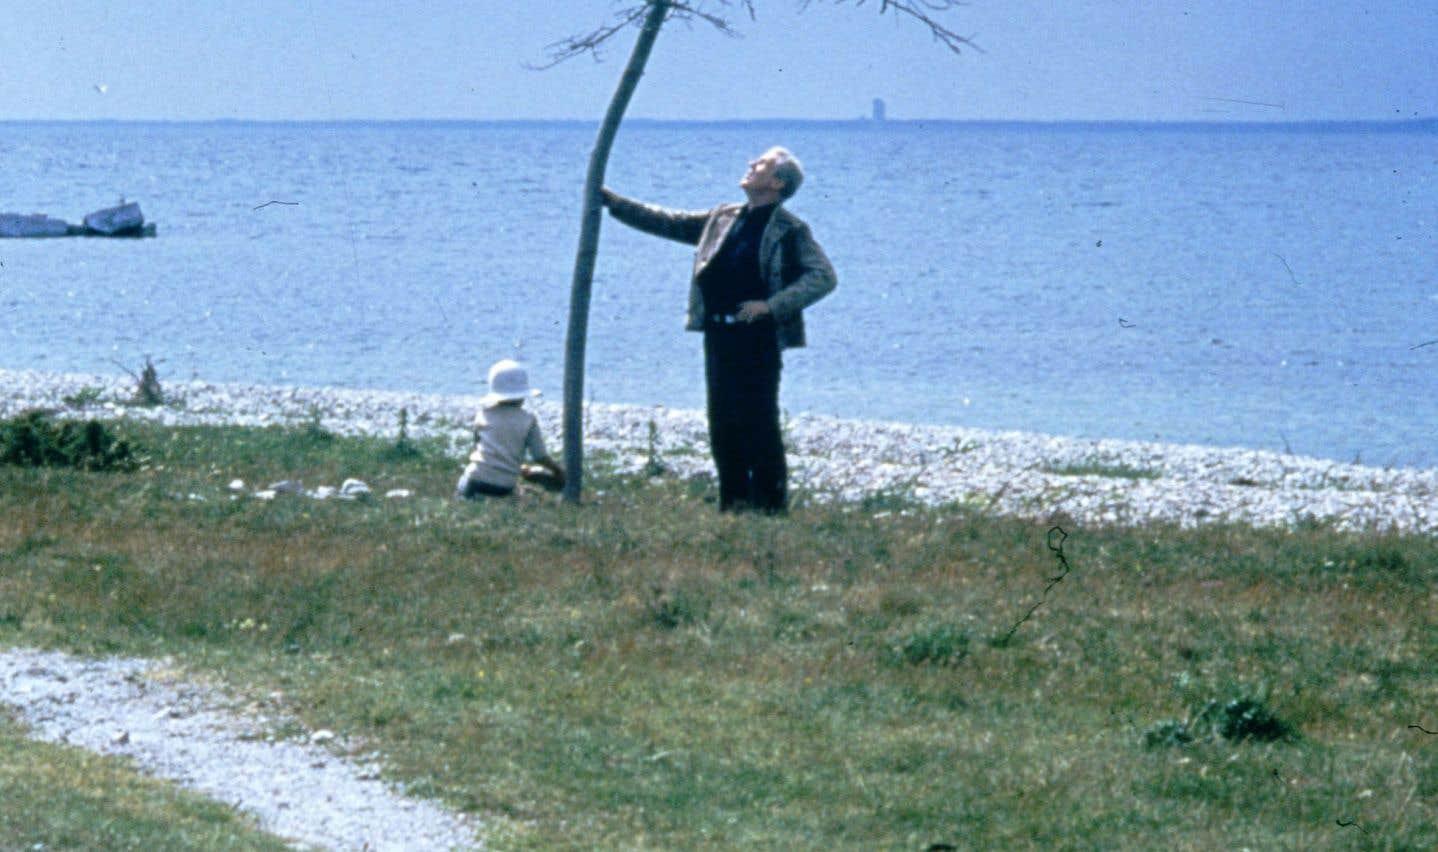 Le père et le fils plantent un arbre au début du film «Le sacrifice».